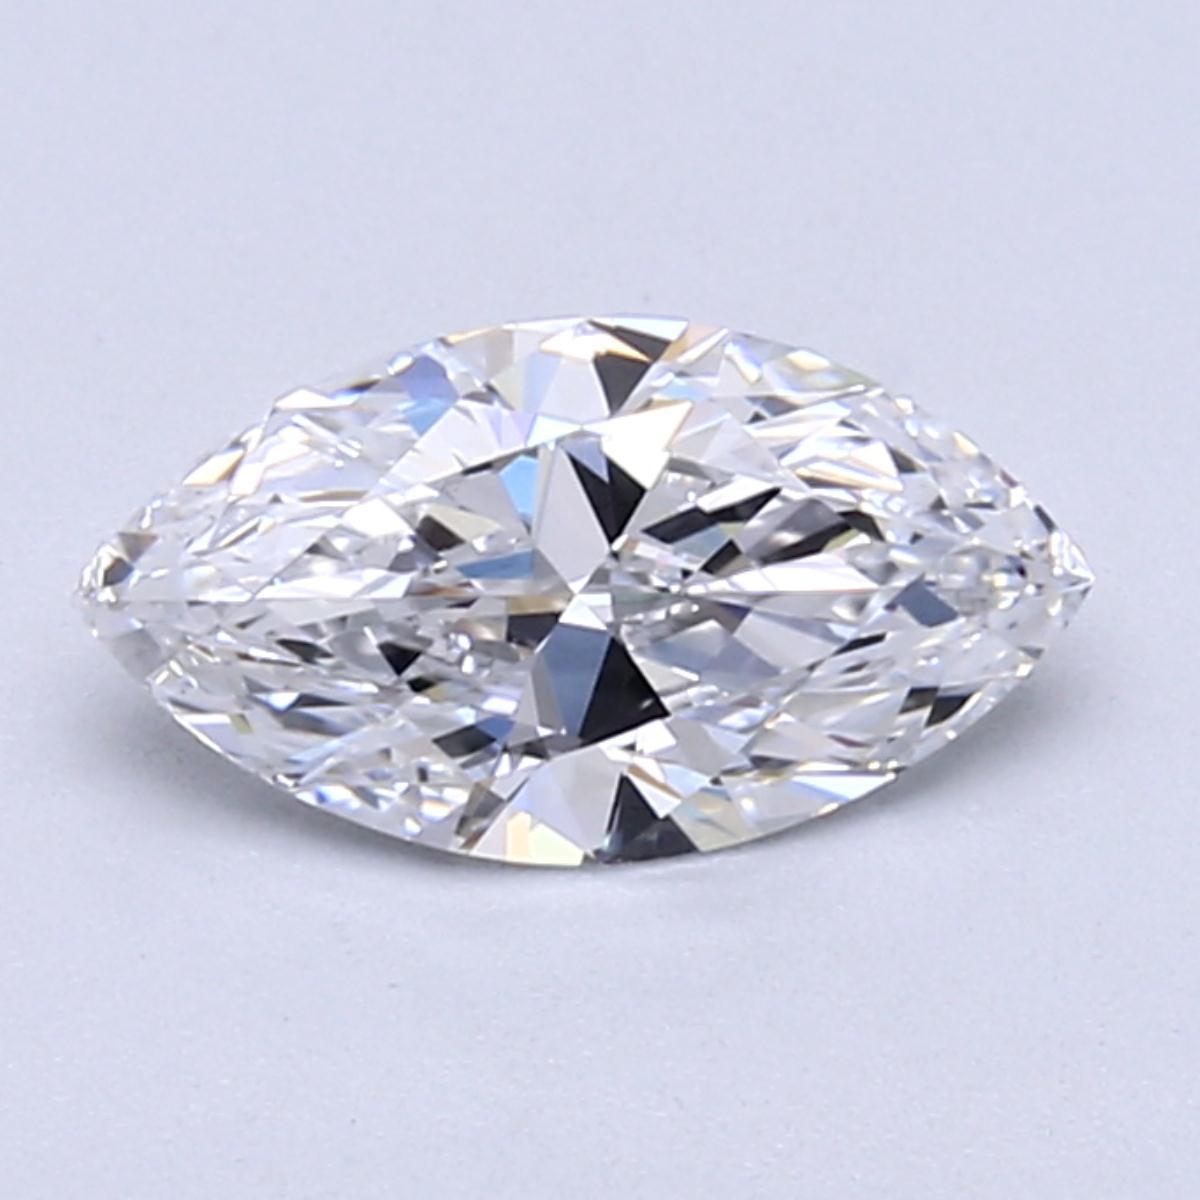 1.01-Carat Marquise Cut Diamond